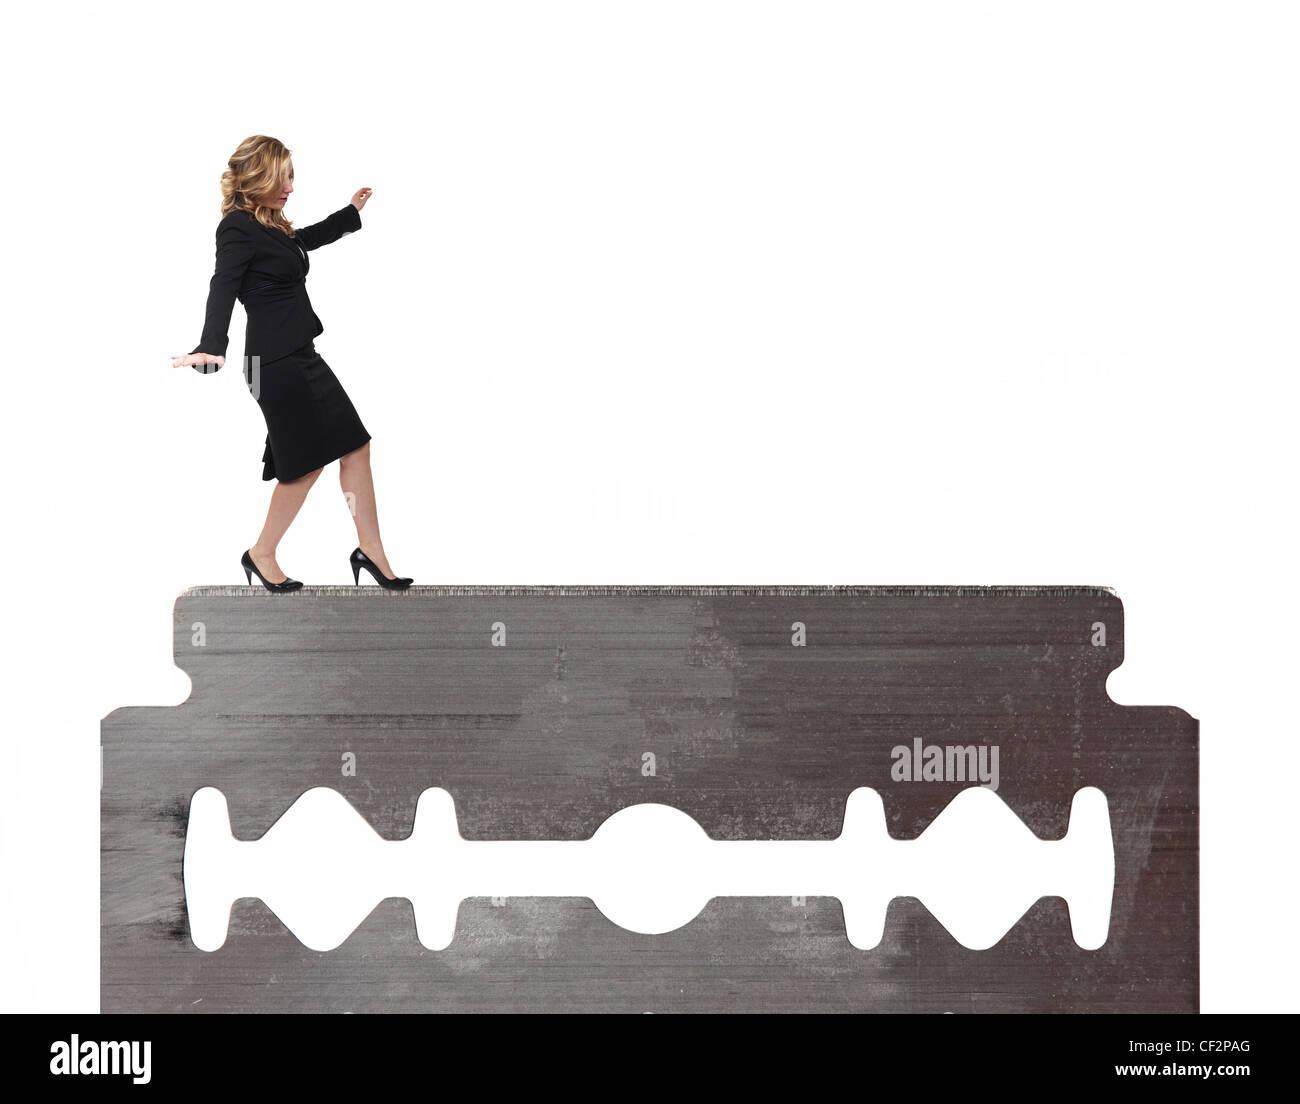 Imprenditrice a piedi su una lama di rasoio Immagini Stock